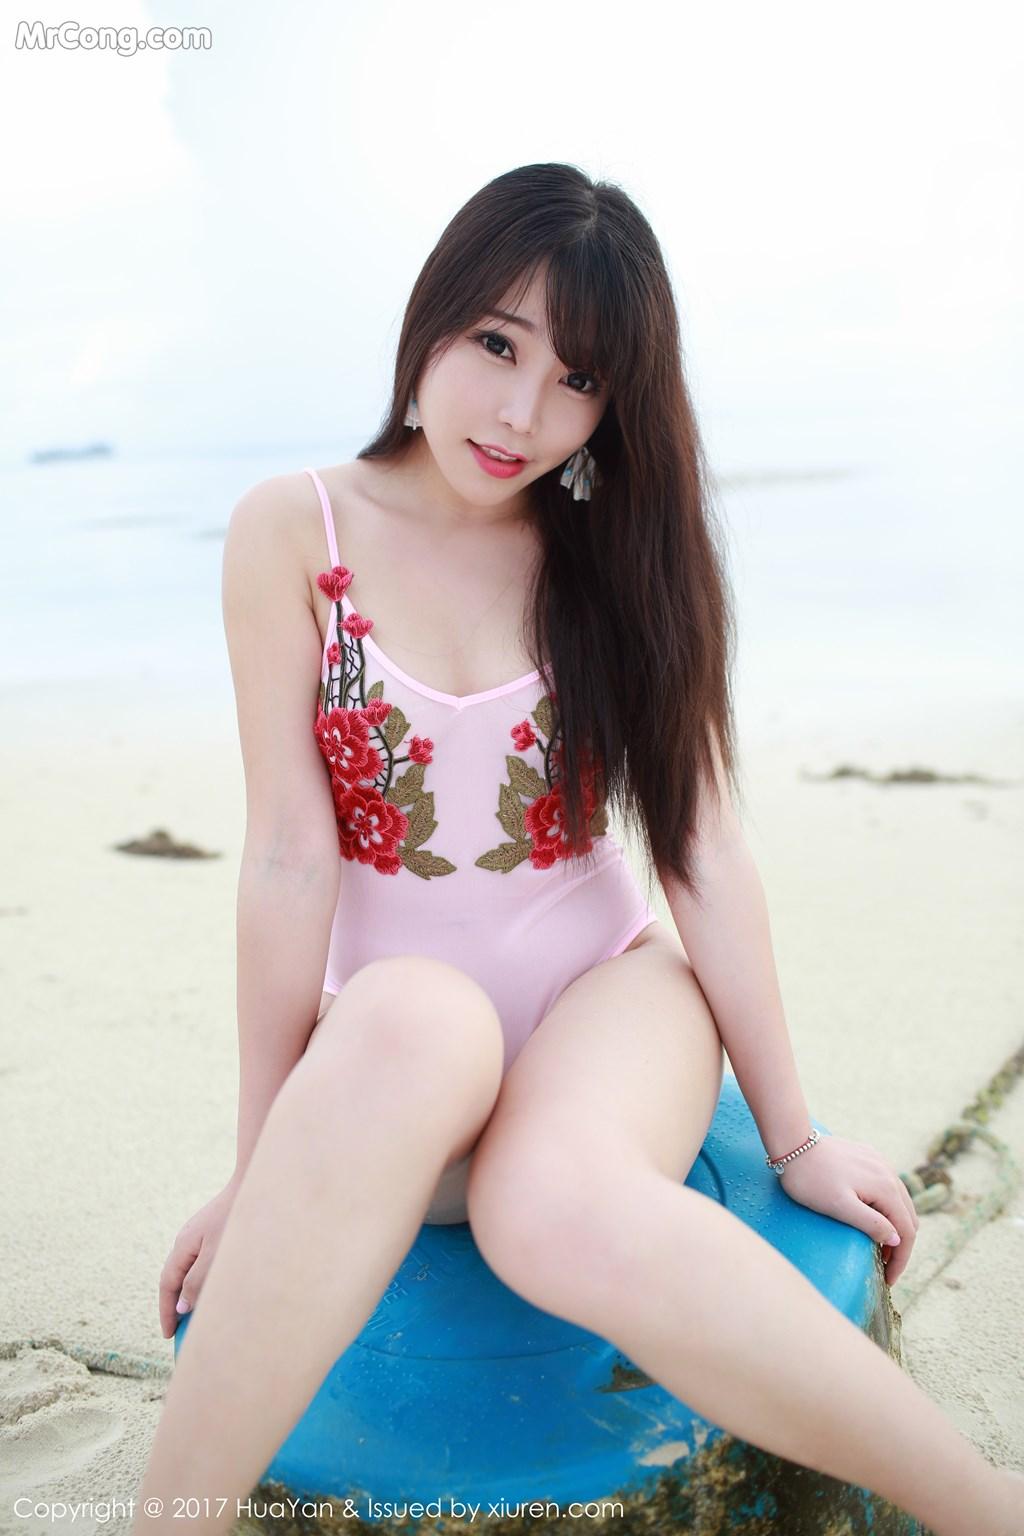 Image HuaYan-Vol.044-Booty-Zhizhi-MrCong.com-003 in post HuaYan Vol.044: Người mẫu Booty (芝芝) (62 ảnh)